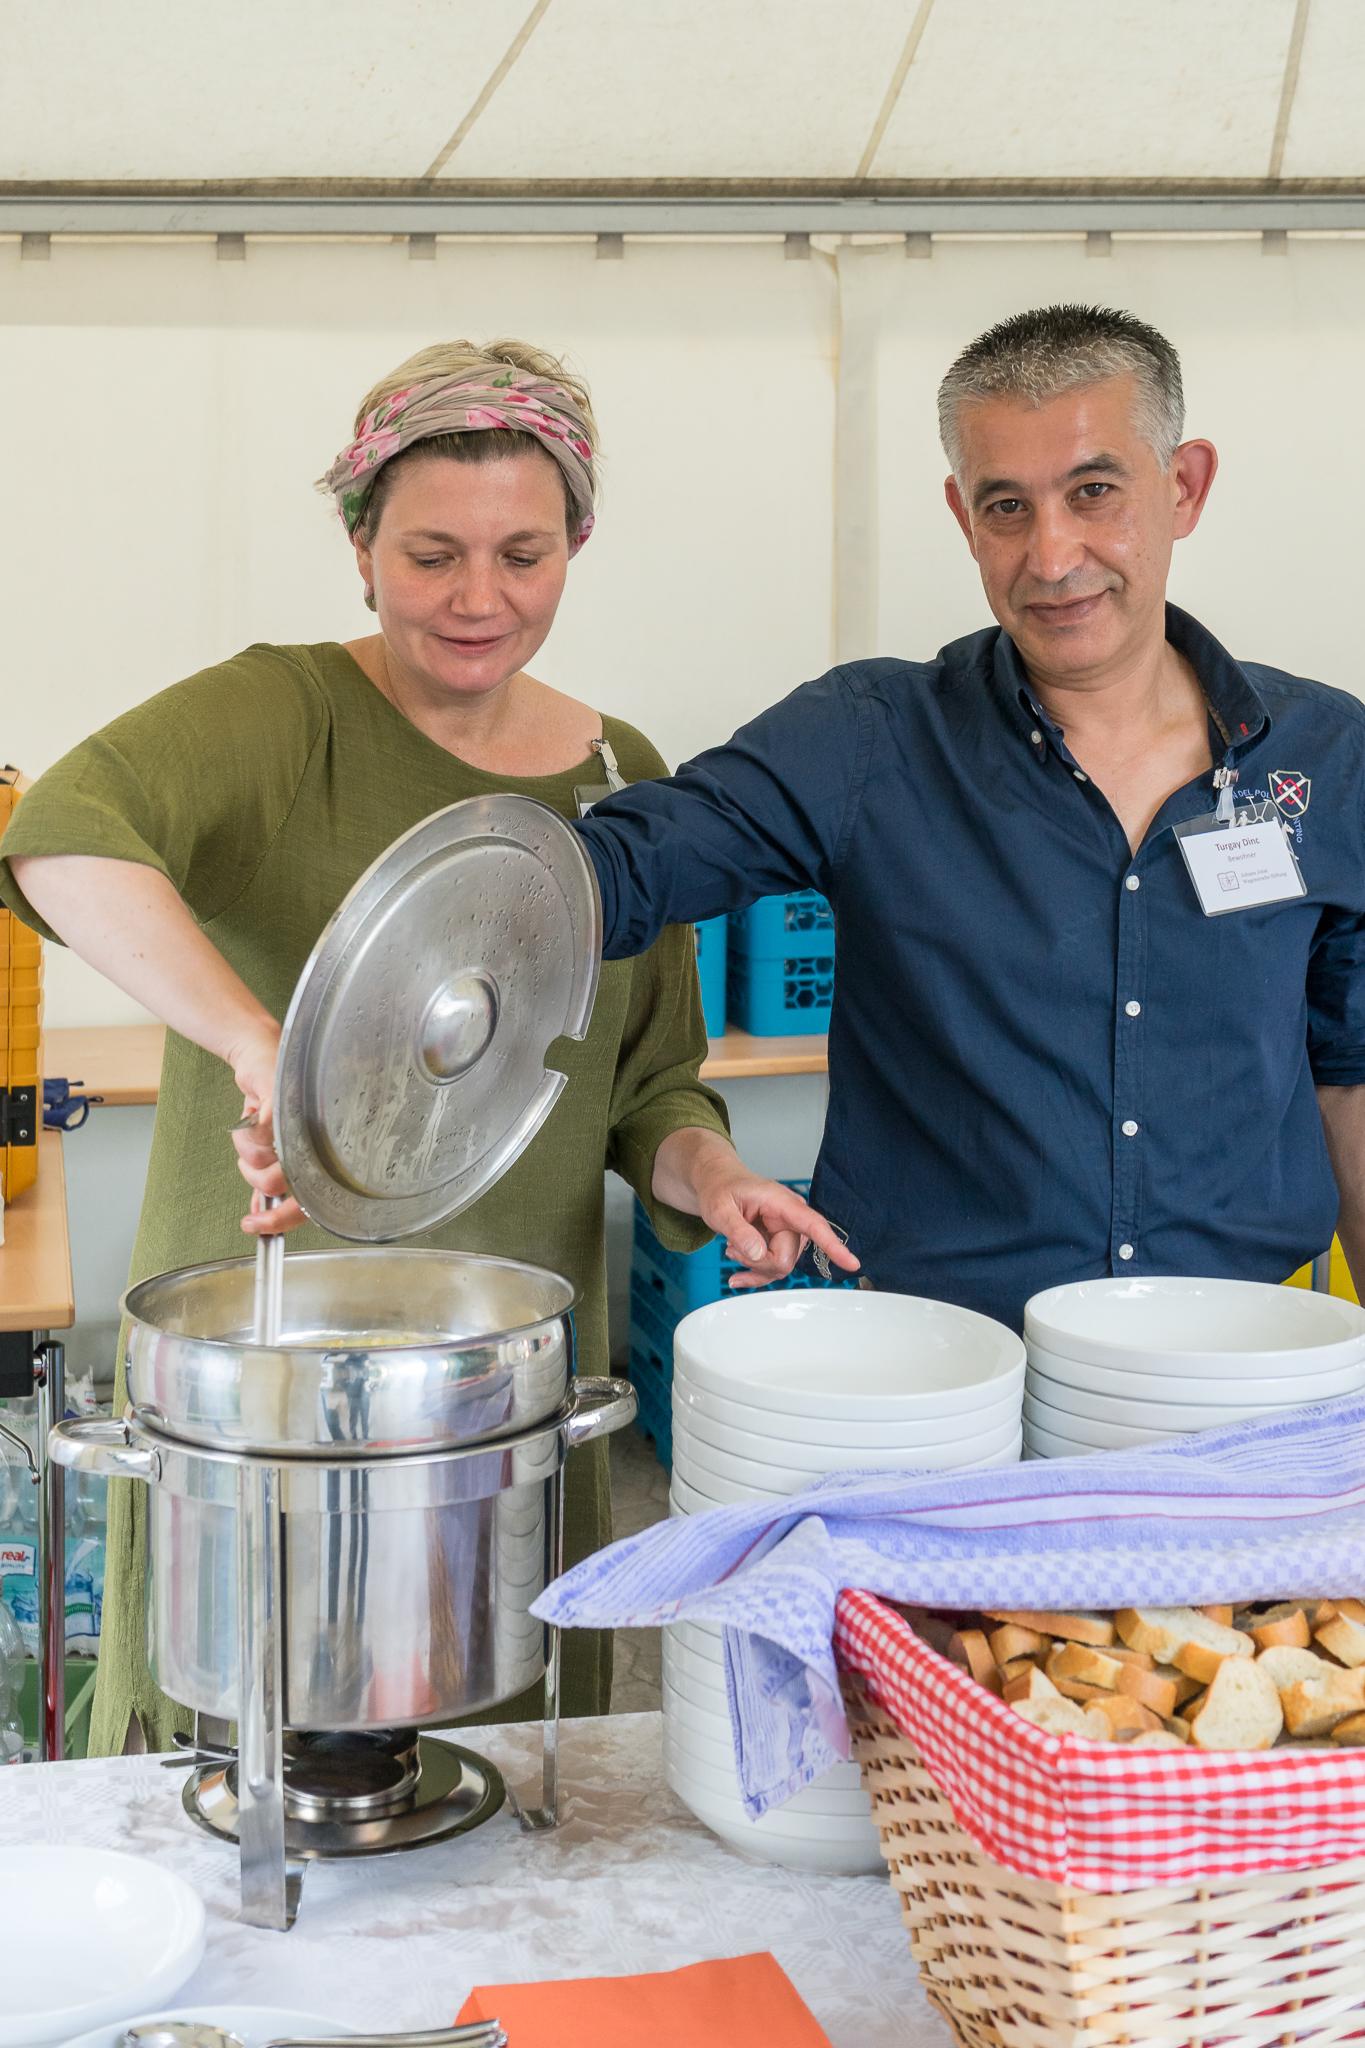 Nach der Feier: Kartoffelsuppe, lecker gekocht und abgeschmeckt von Pro Beruf.